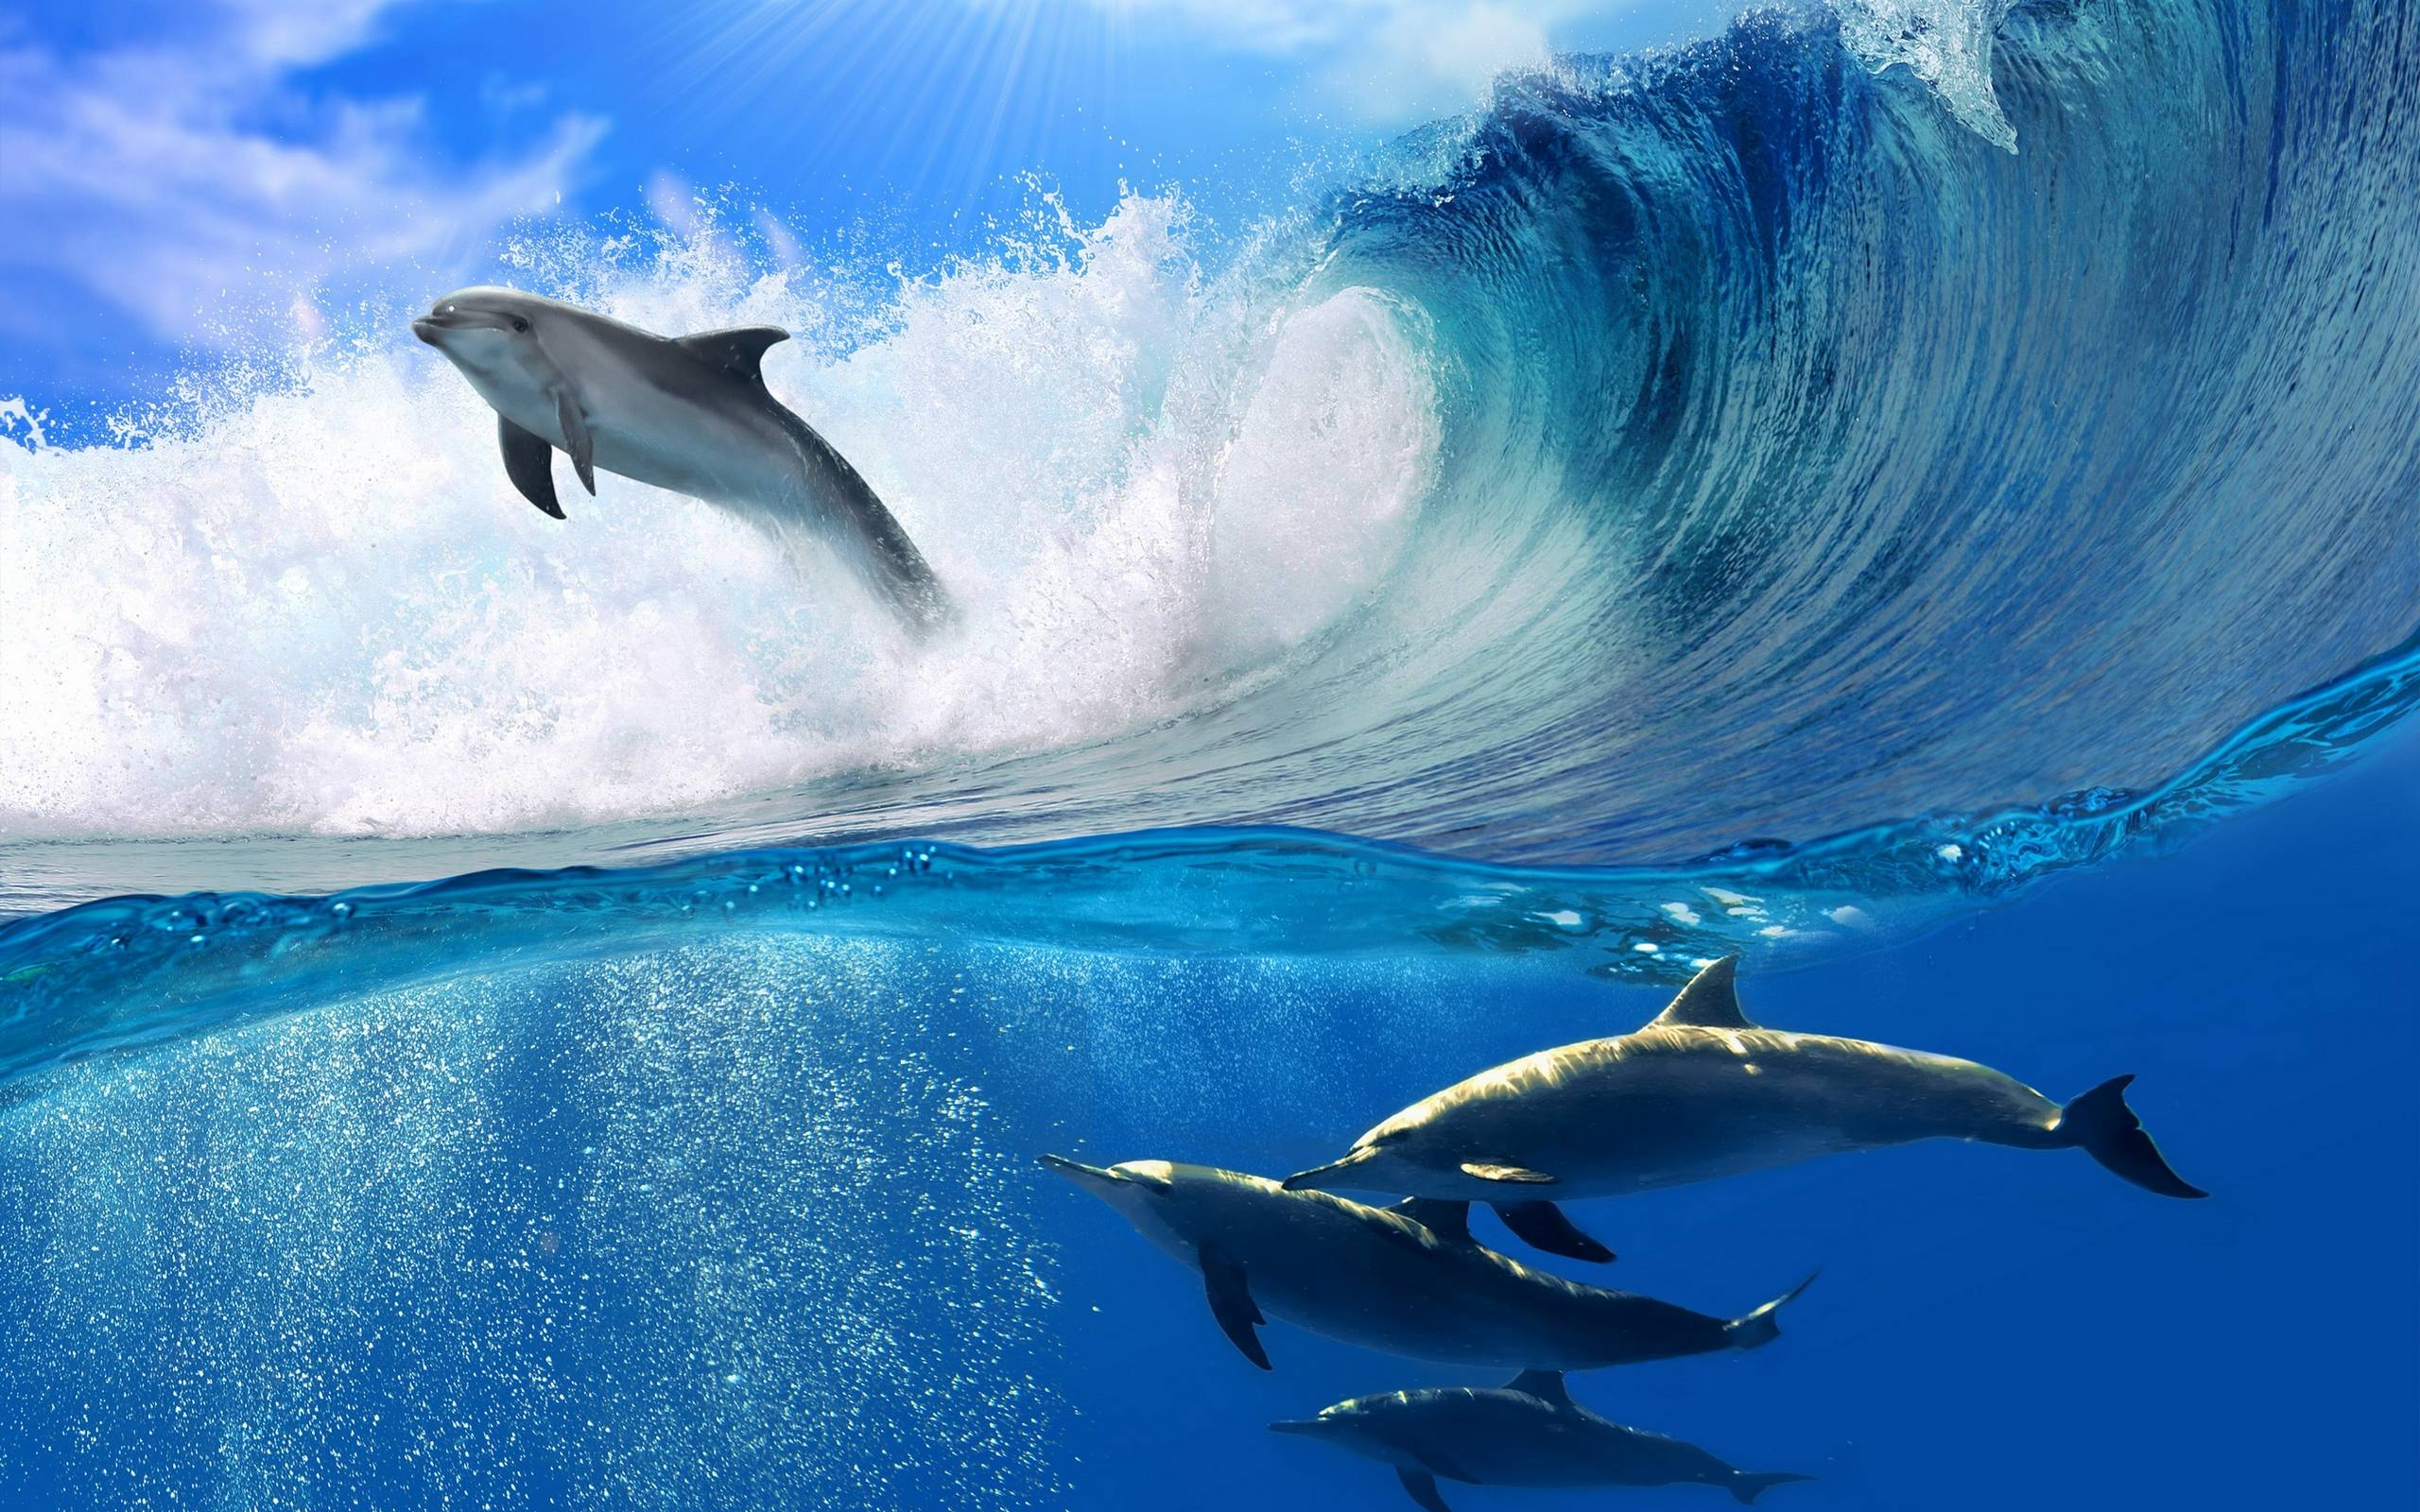 обои дельфины, плавники, хвосты, море картинки фото